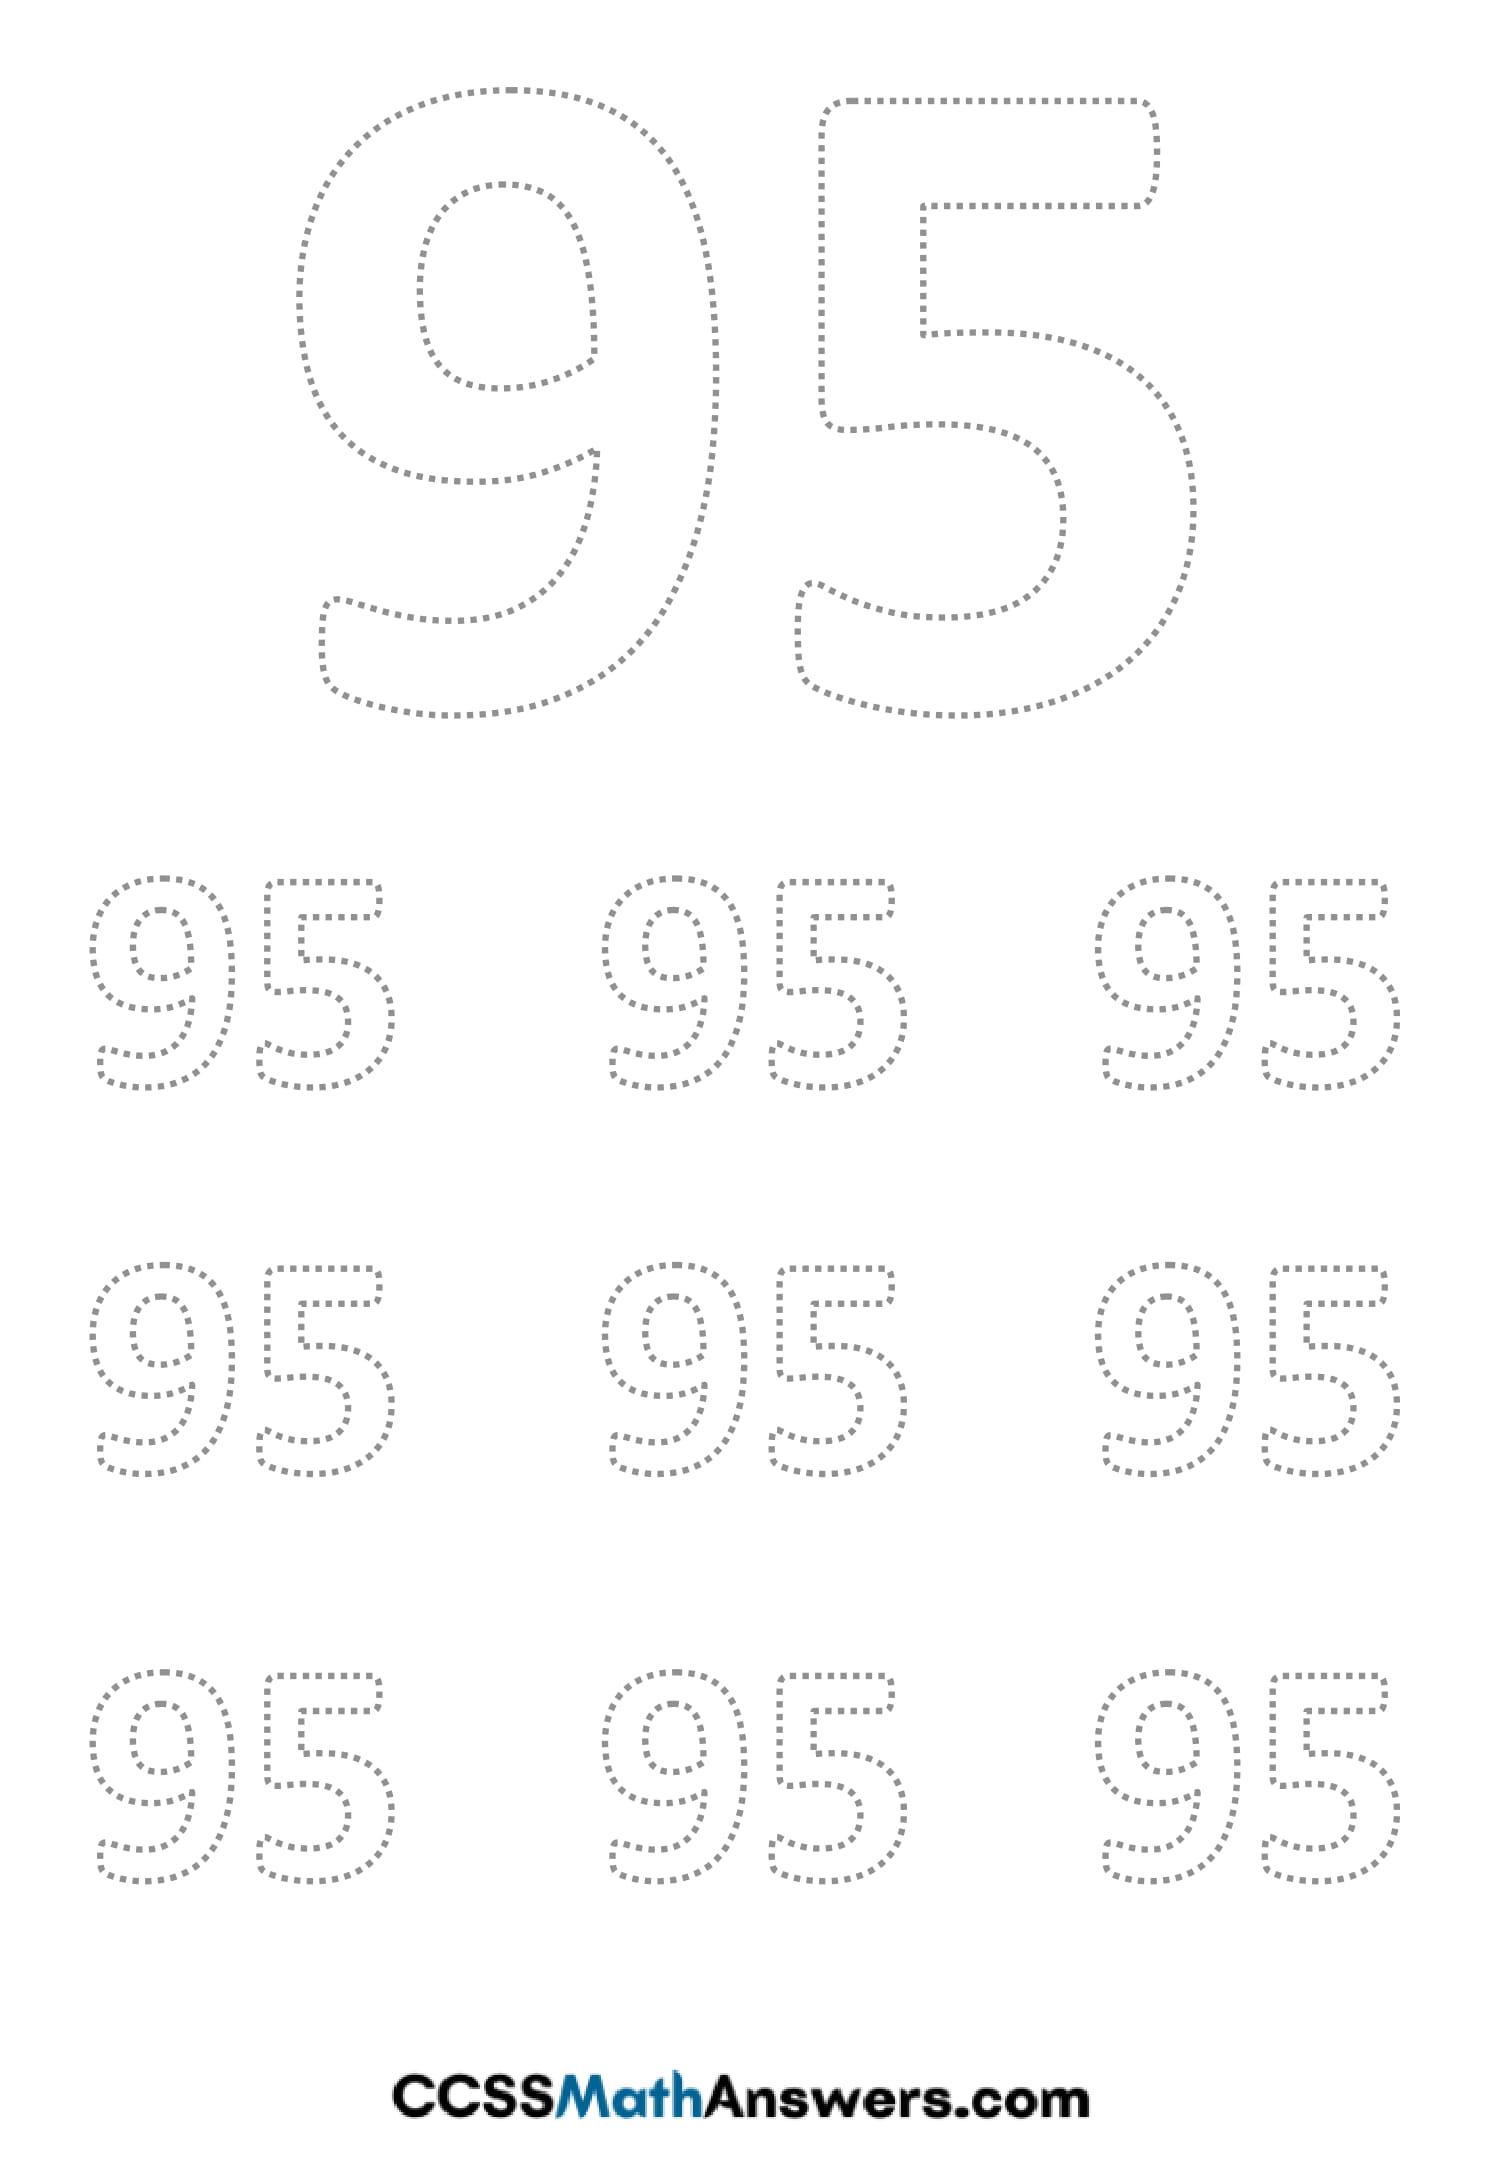 Worksheet on Number Ninty Five